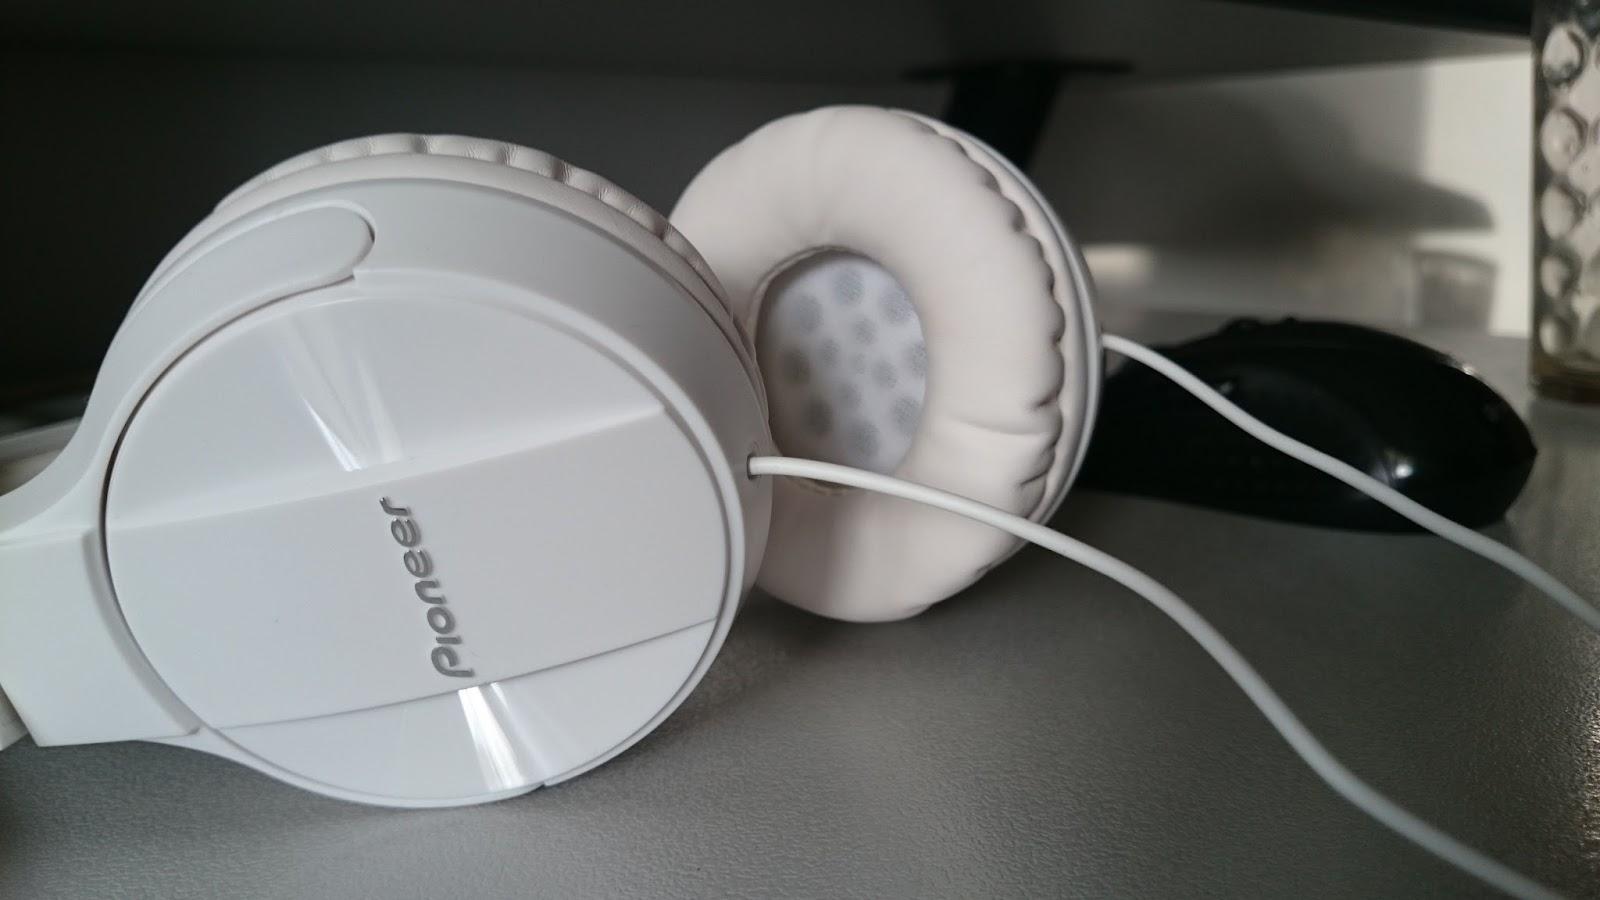 Jakie słuchawki kupić, Pioneer SEM-J503, Pioneer SEMJ 503, Pioneer SE-MJ 503, Pioneer, SE,MJ, 503,